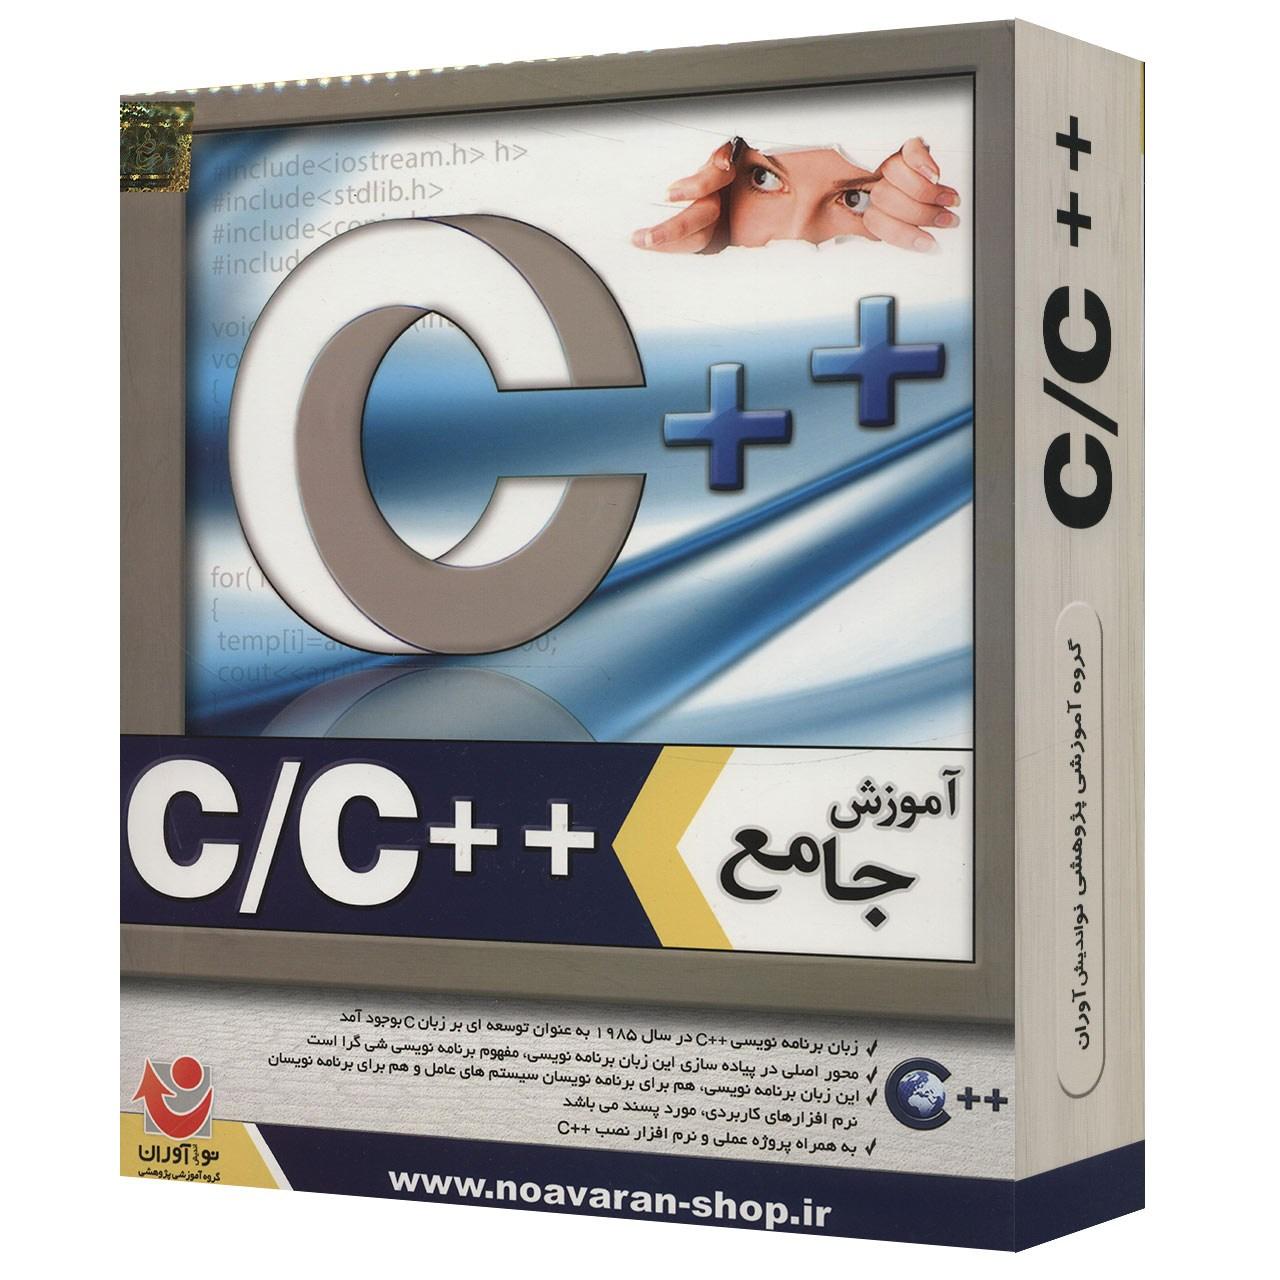 نرم افزار آموزش جامع ++C